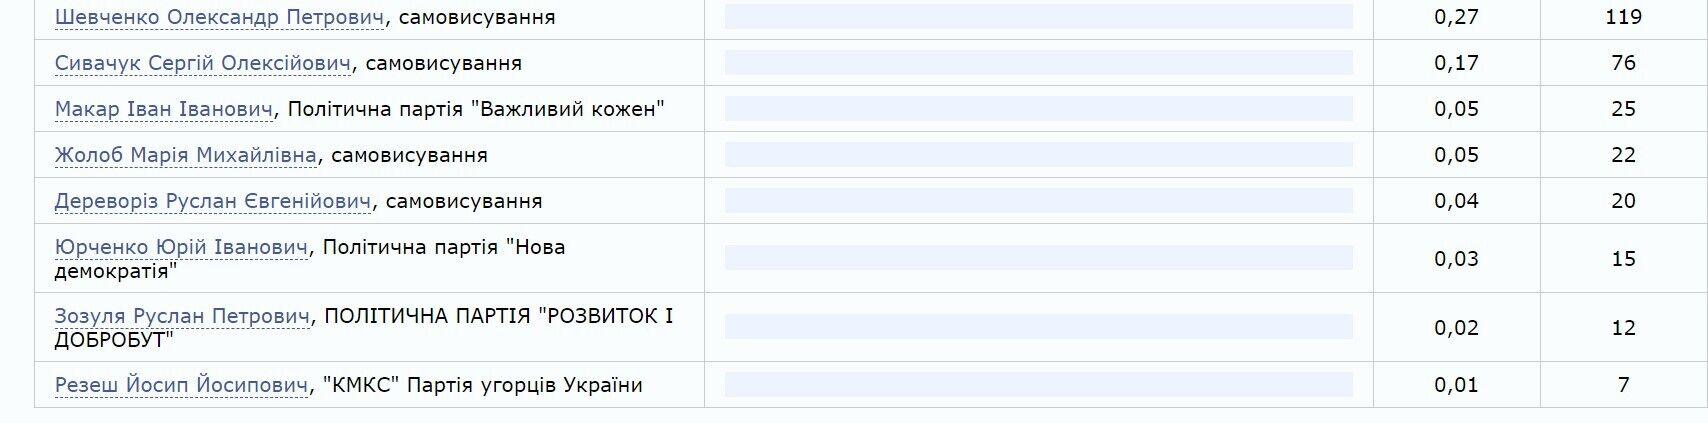 На Прикарпатті під наглядом силовиків змогли продовжити підрахунок голосів: дані ЦВК